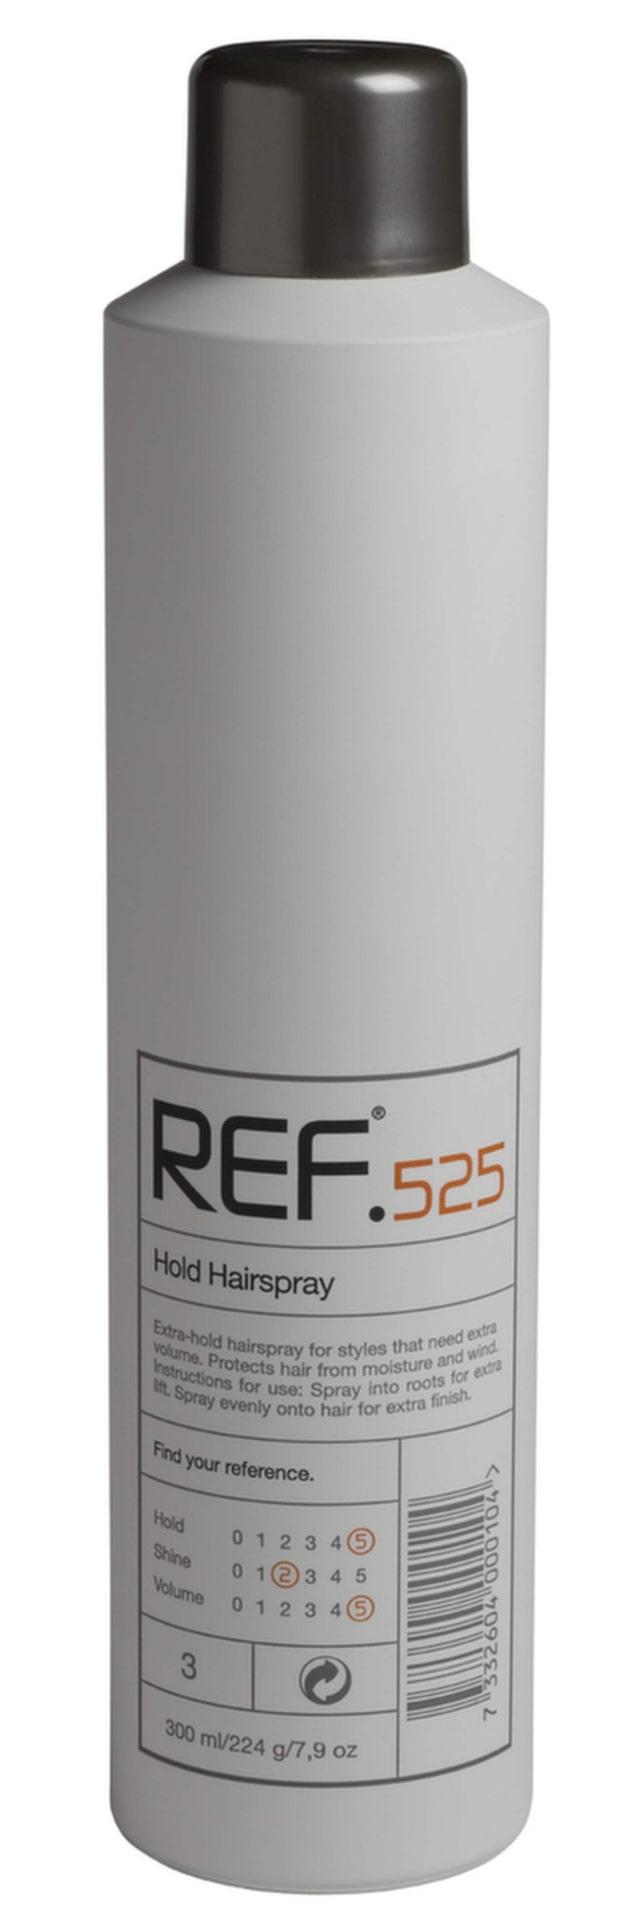 Avsluta din styling med en välgörande spray som håller håret på plats. Spray från REF, 195 kronor.